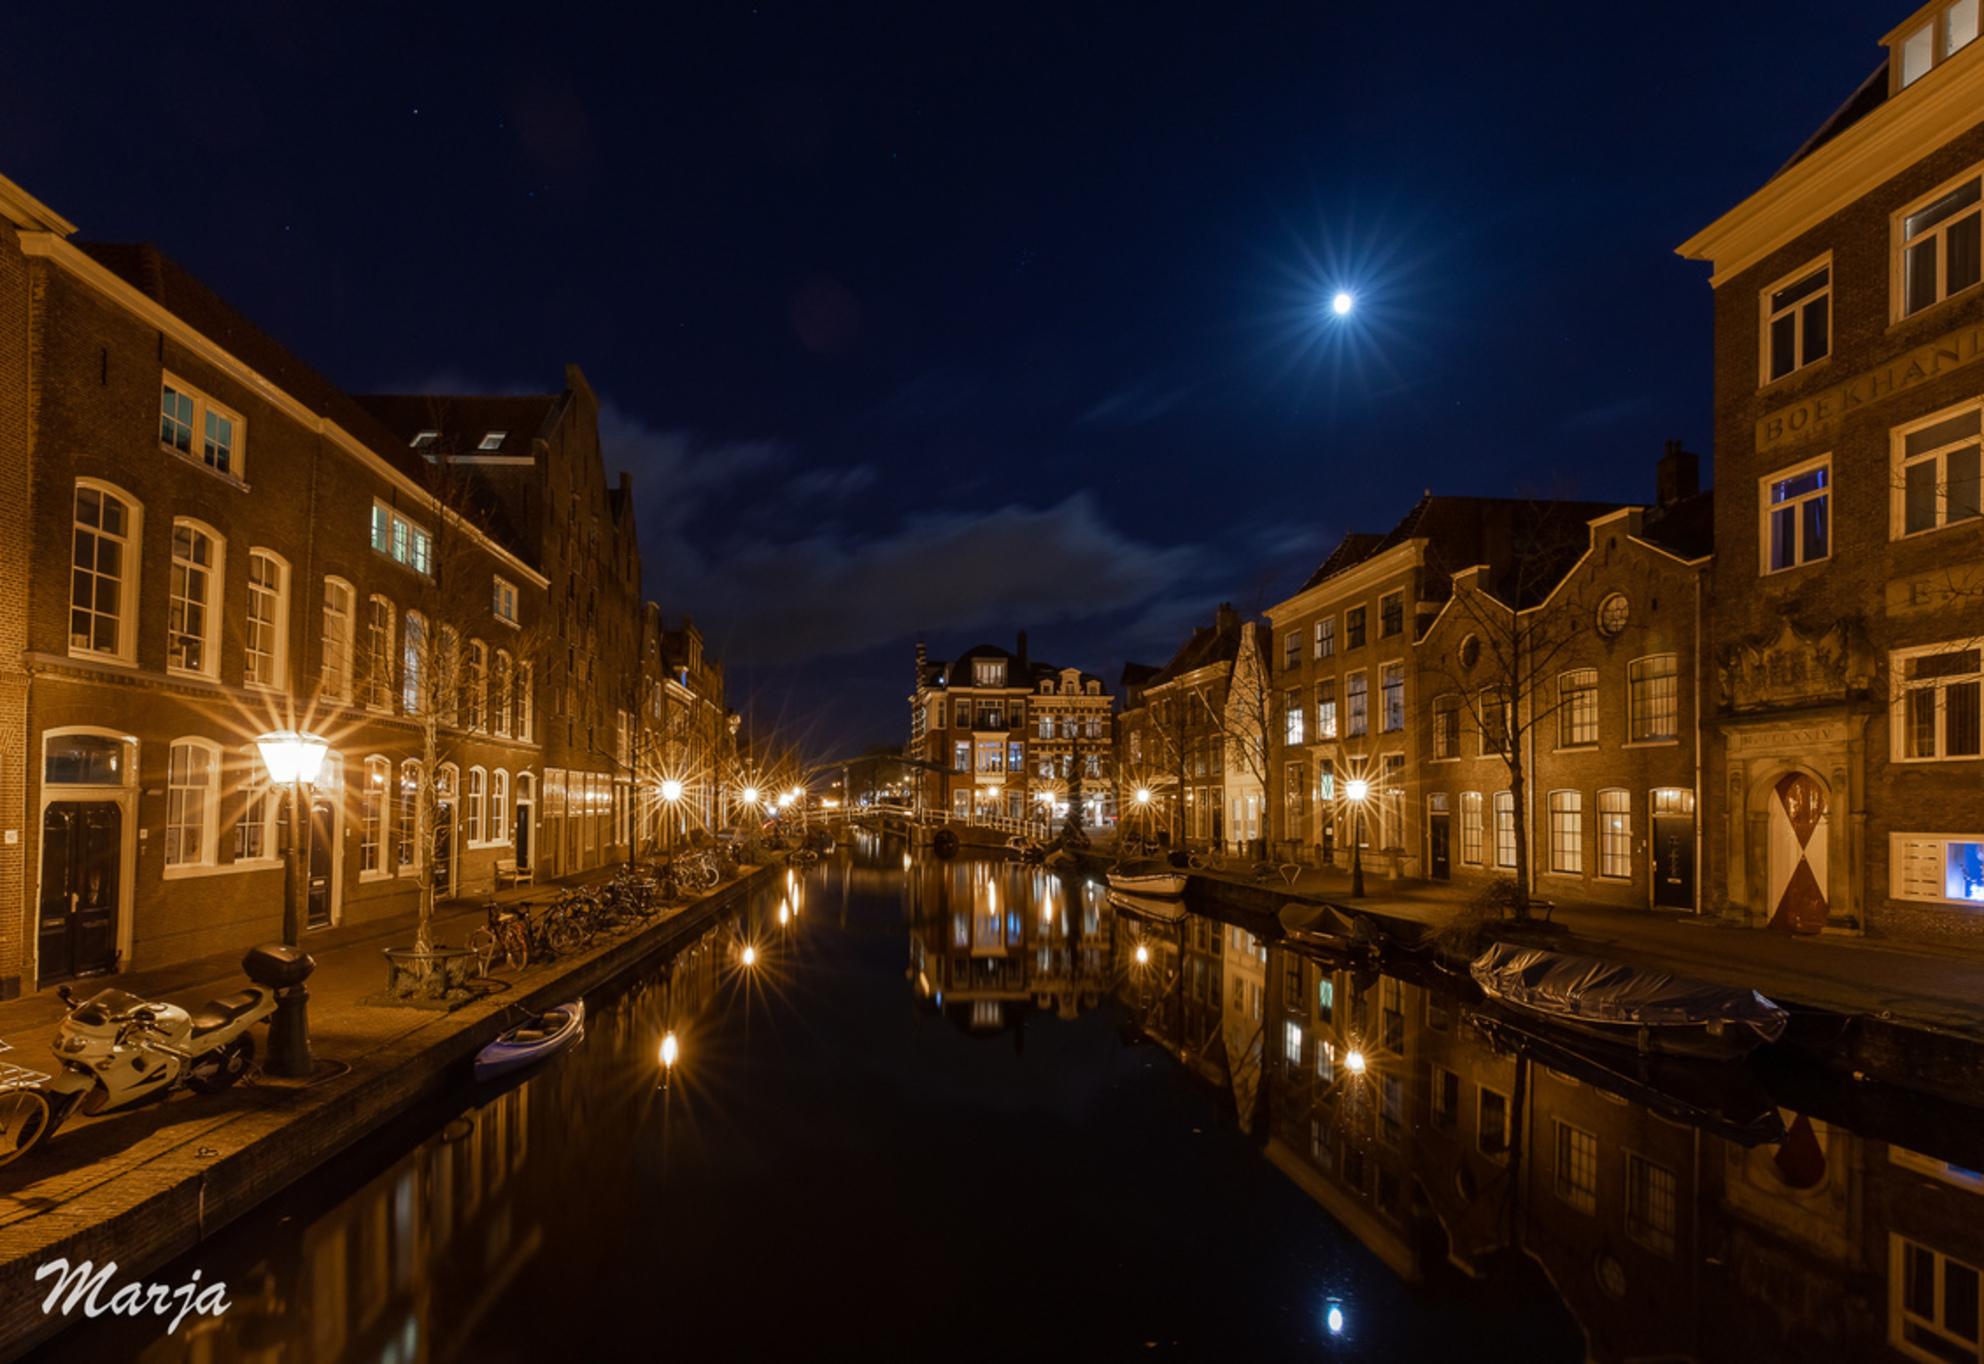 Leiden bij nacht - Voor het eerst in Leiden geweest. We hadden echt mazzel met het weer. Niet te koud, mooi helder en dat op 19 december! - foto door Marja8032 op 20-12-2018 - deze foto bevat: donker, water, avond, maan, nachtfotografie, reflecties, straatfotografie